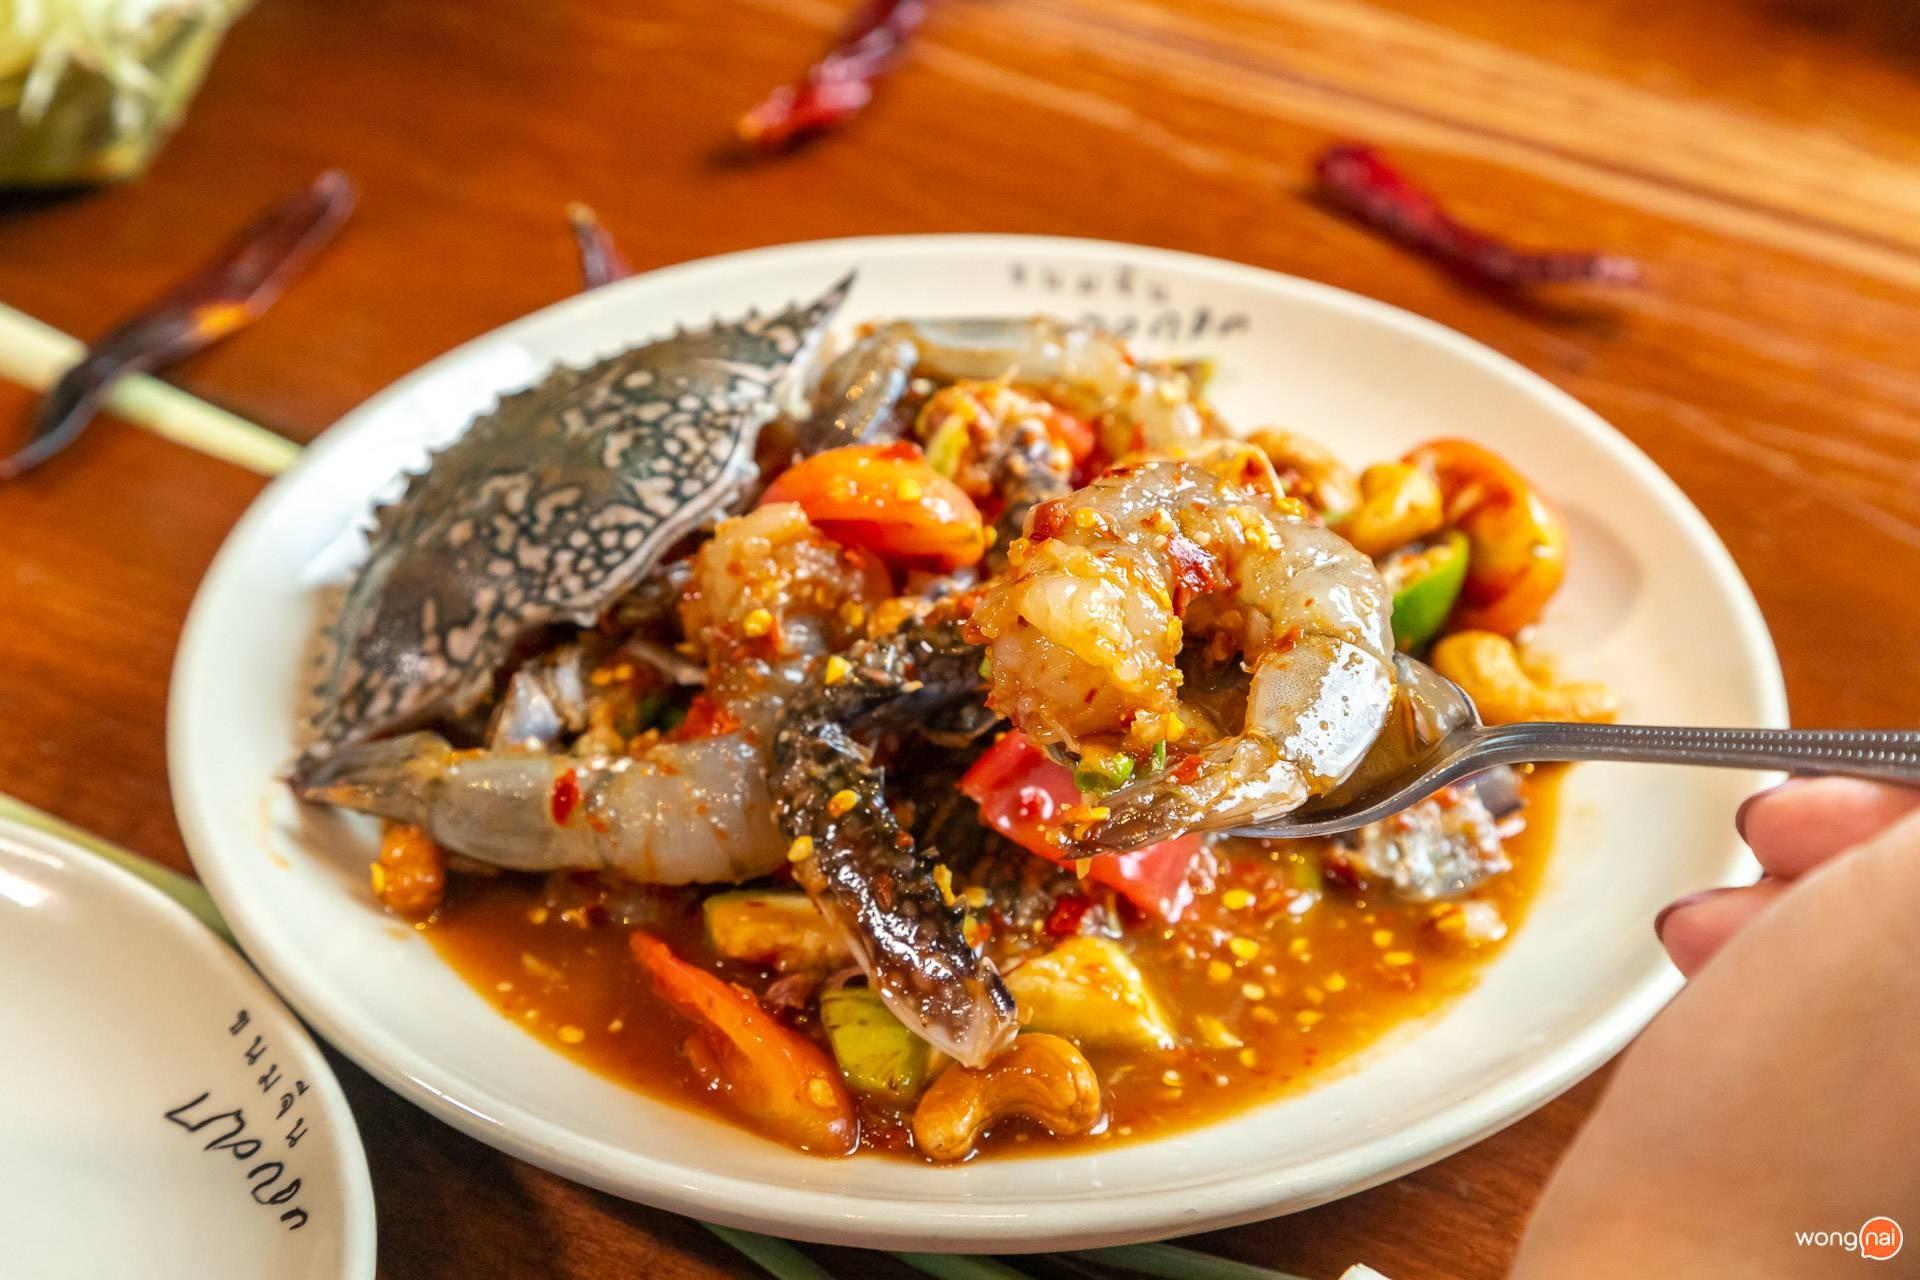 เมนู ยำเกาเหลาทะเล ของร้าน ขนมจีนบางกอก